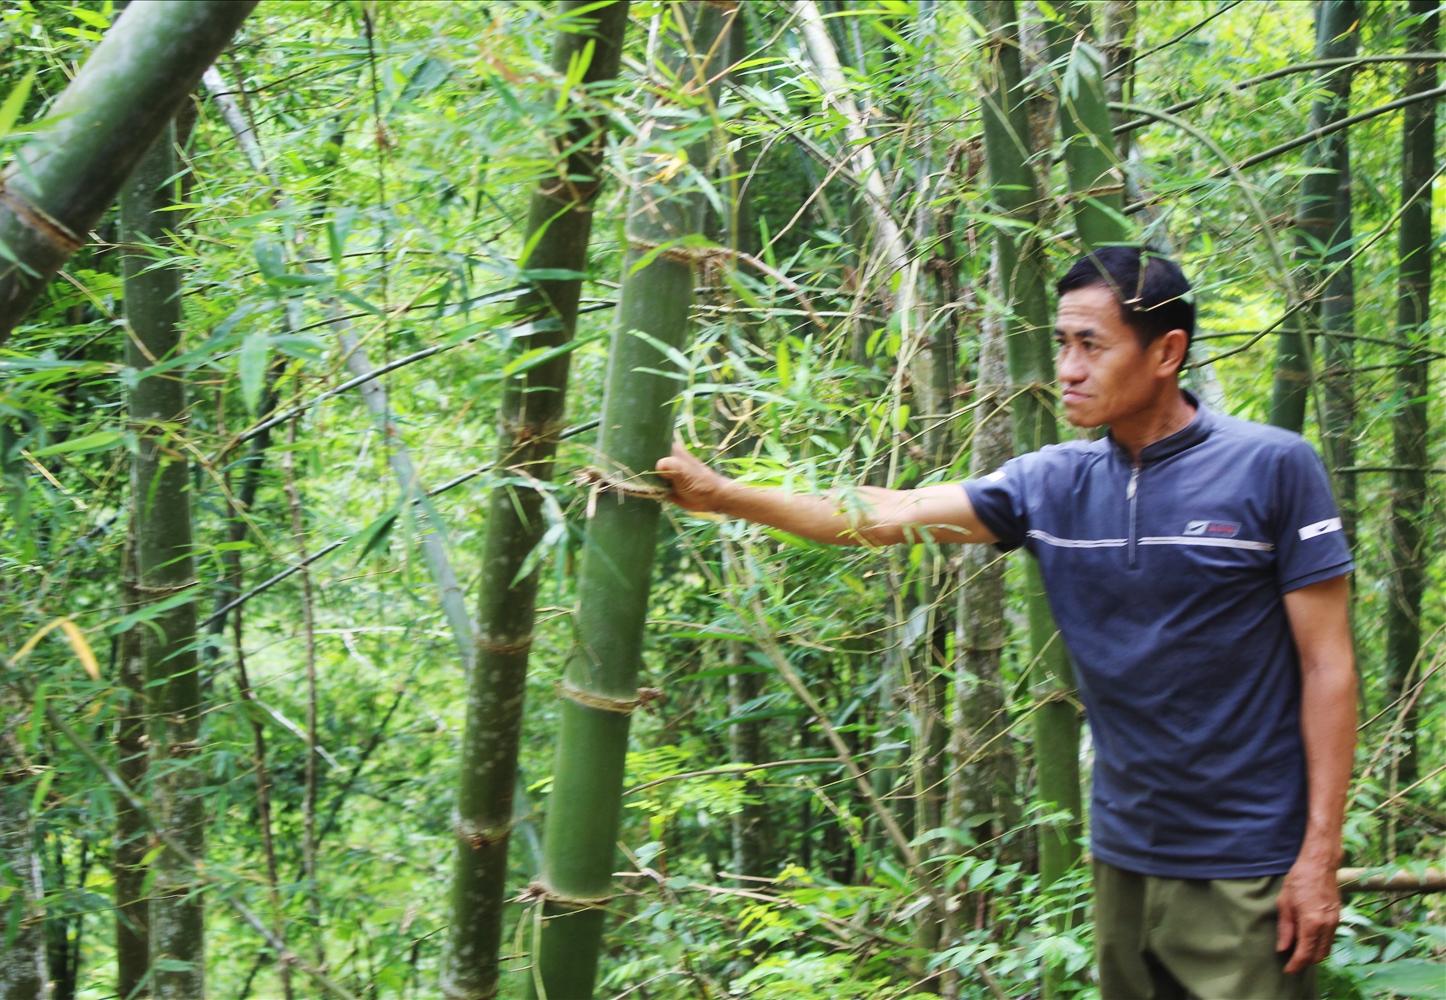 Nhiều hộ gia đình đồng bào DTTS ở vùng biên Quan Sơn thoát nghèo nhờ cây luồng